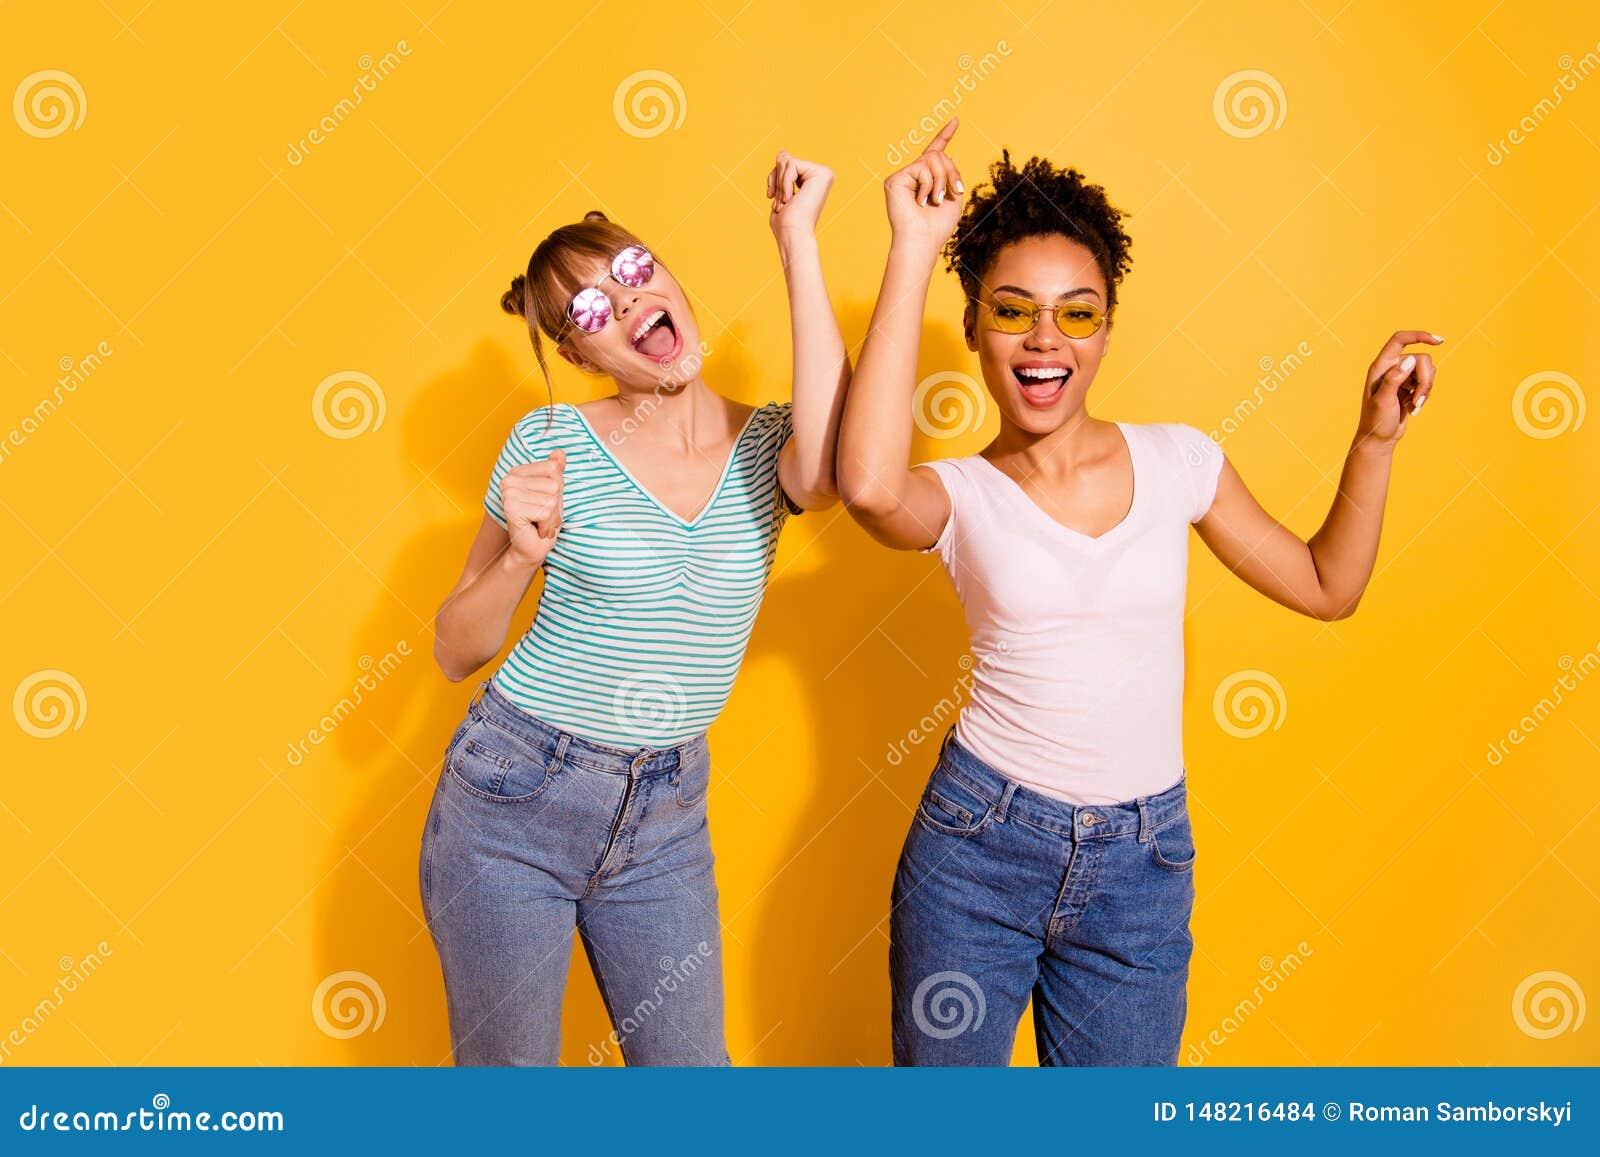 Κλείστε επάνω όμορφο αστείο φωτογραφιών αυτή τα όπλα γυναικείων χεριών της που αυξάνονται επάνω στο σύγχρονο ήλιο ένδυσης κινήσεω